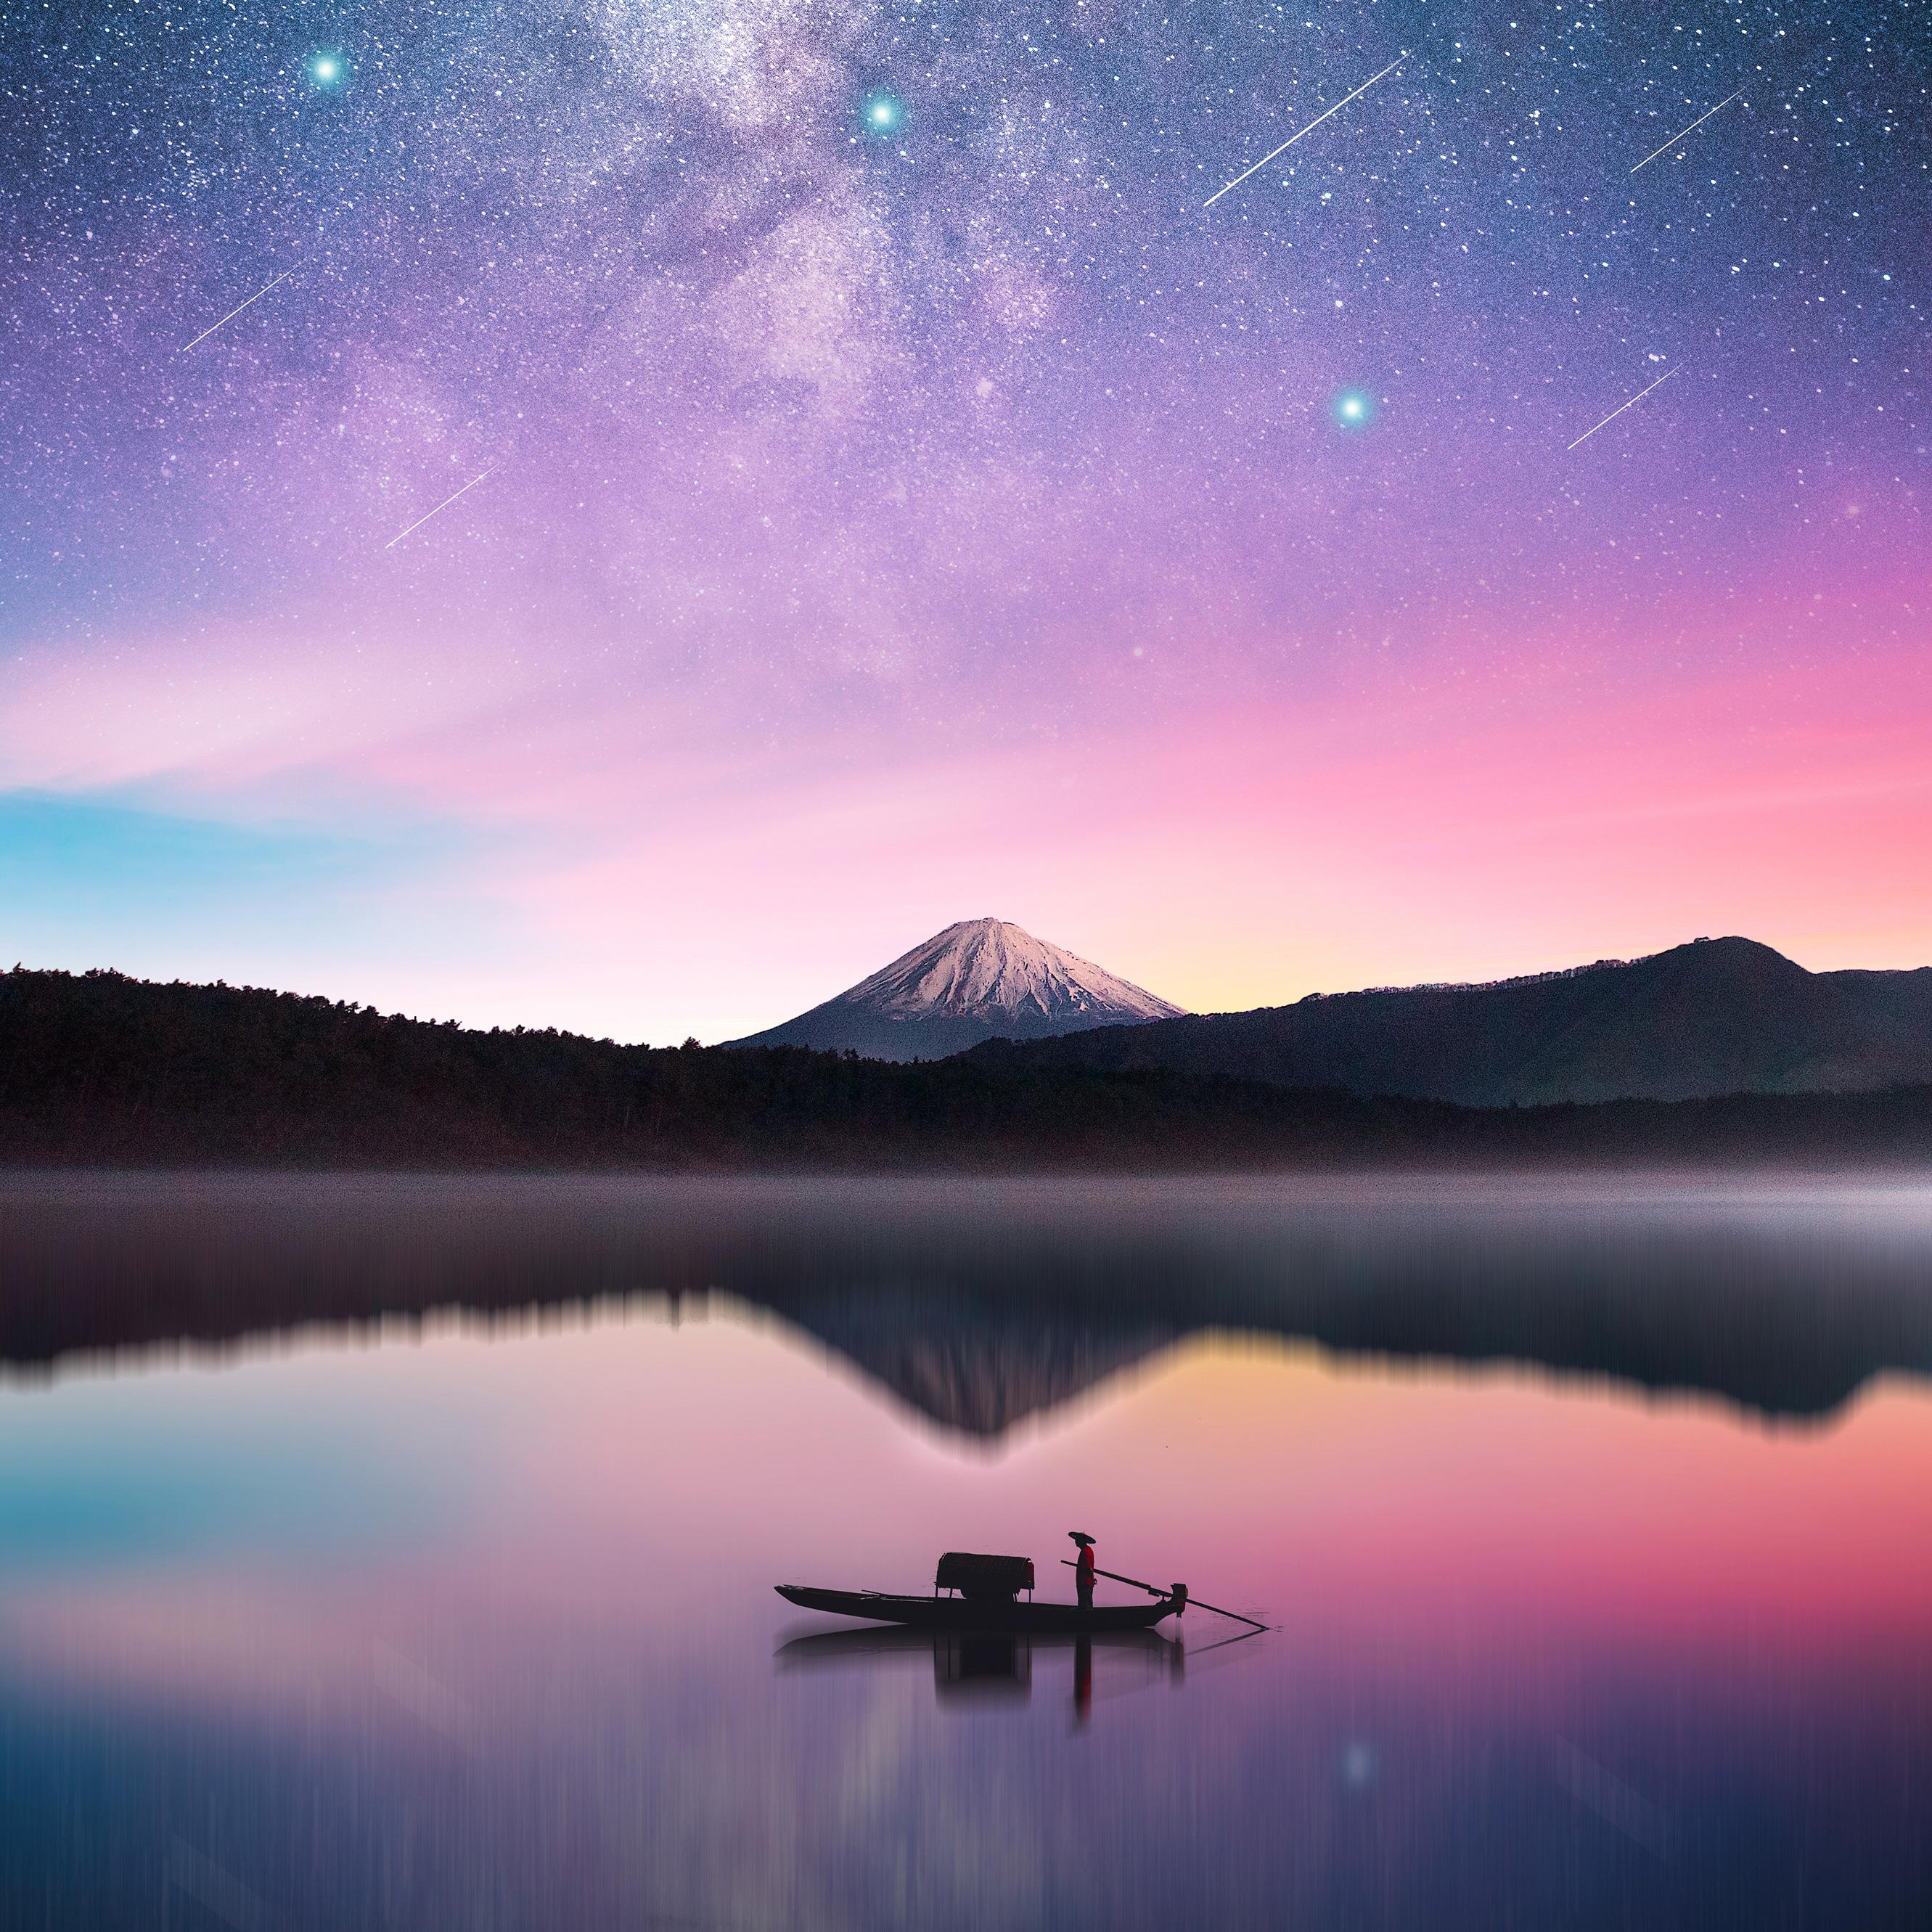 960x540 Milky Way Mount Fuji 960x540 Resolution Hd 4k